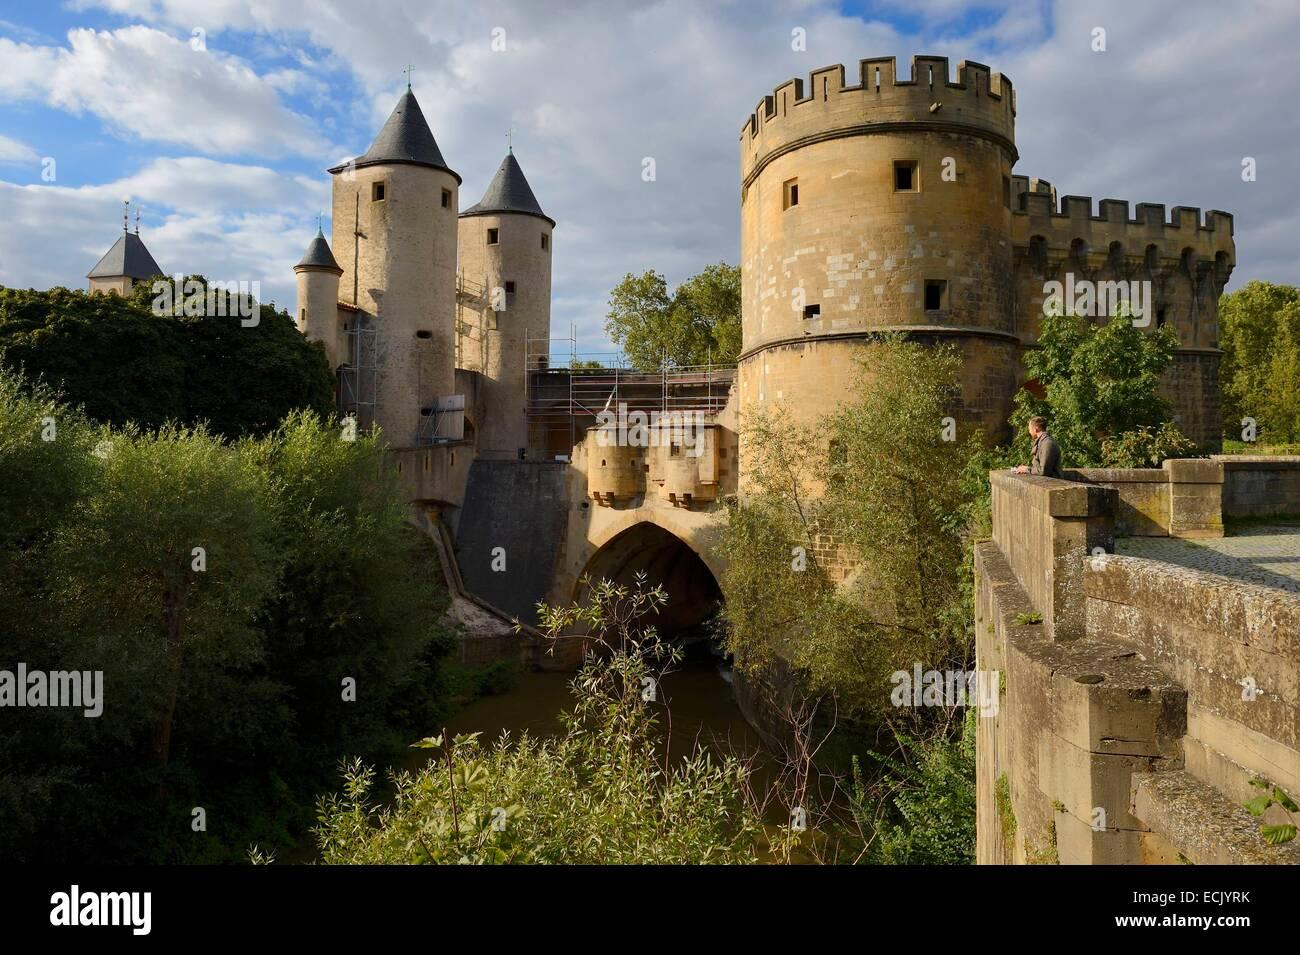 Frankreich, Moselle, Metz, Porte des Allemands (deutschen Tor) auf dem Fluss Seille ist ein Überbleibsel der Stockbild